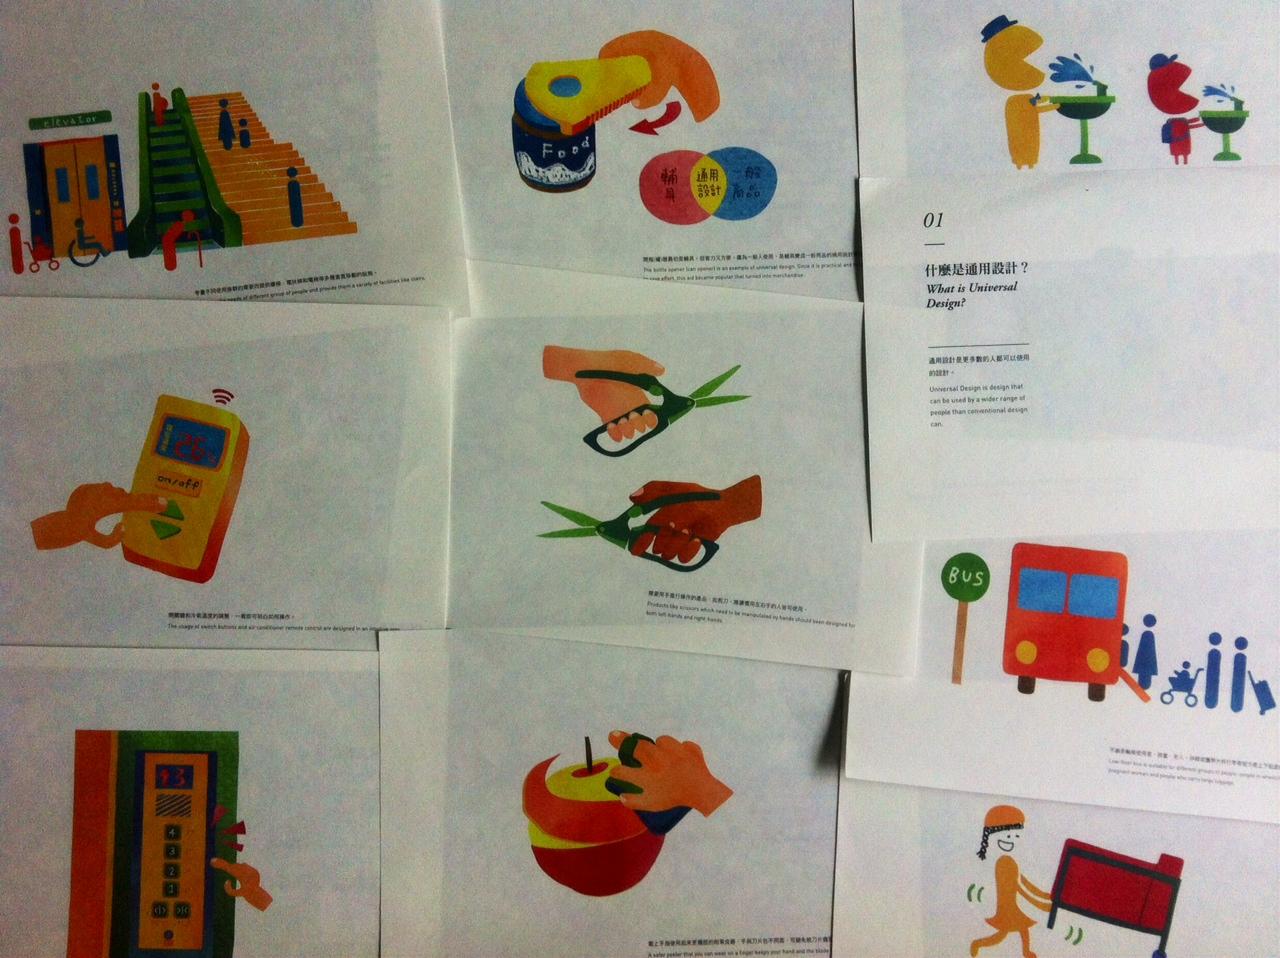 以可愛的圖文繪製通用設計重要觀念及原則在一張張小紙上